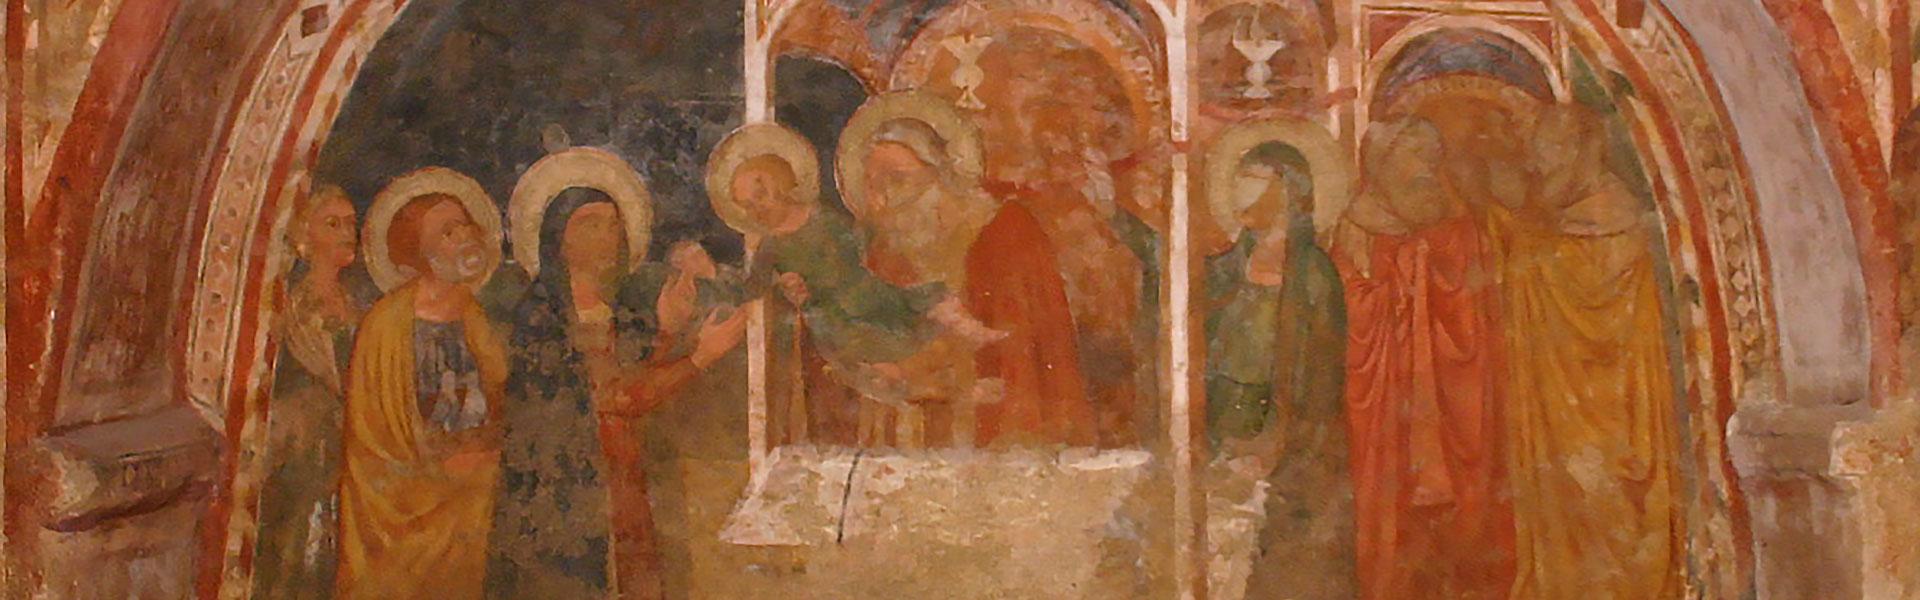 Gli affreschi della cripta di San Francesco